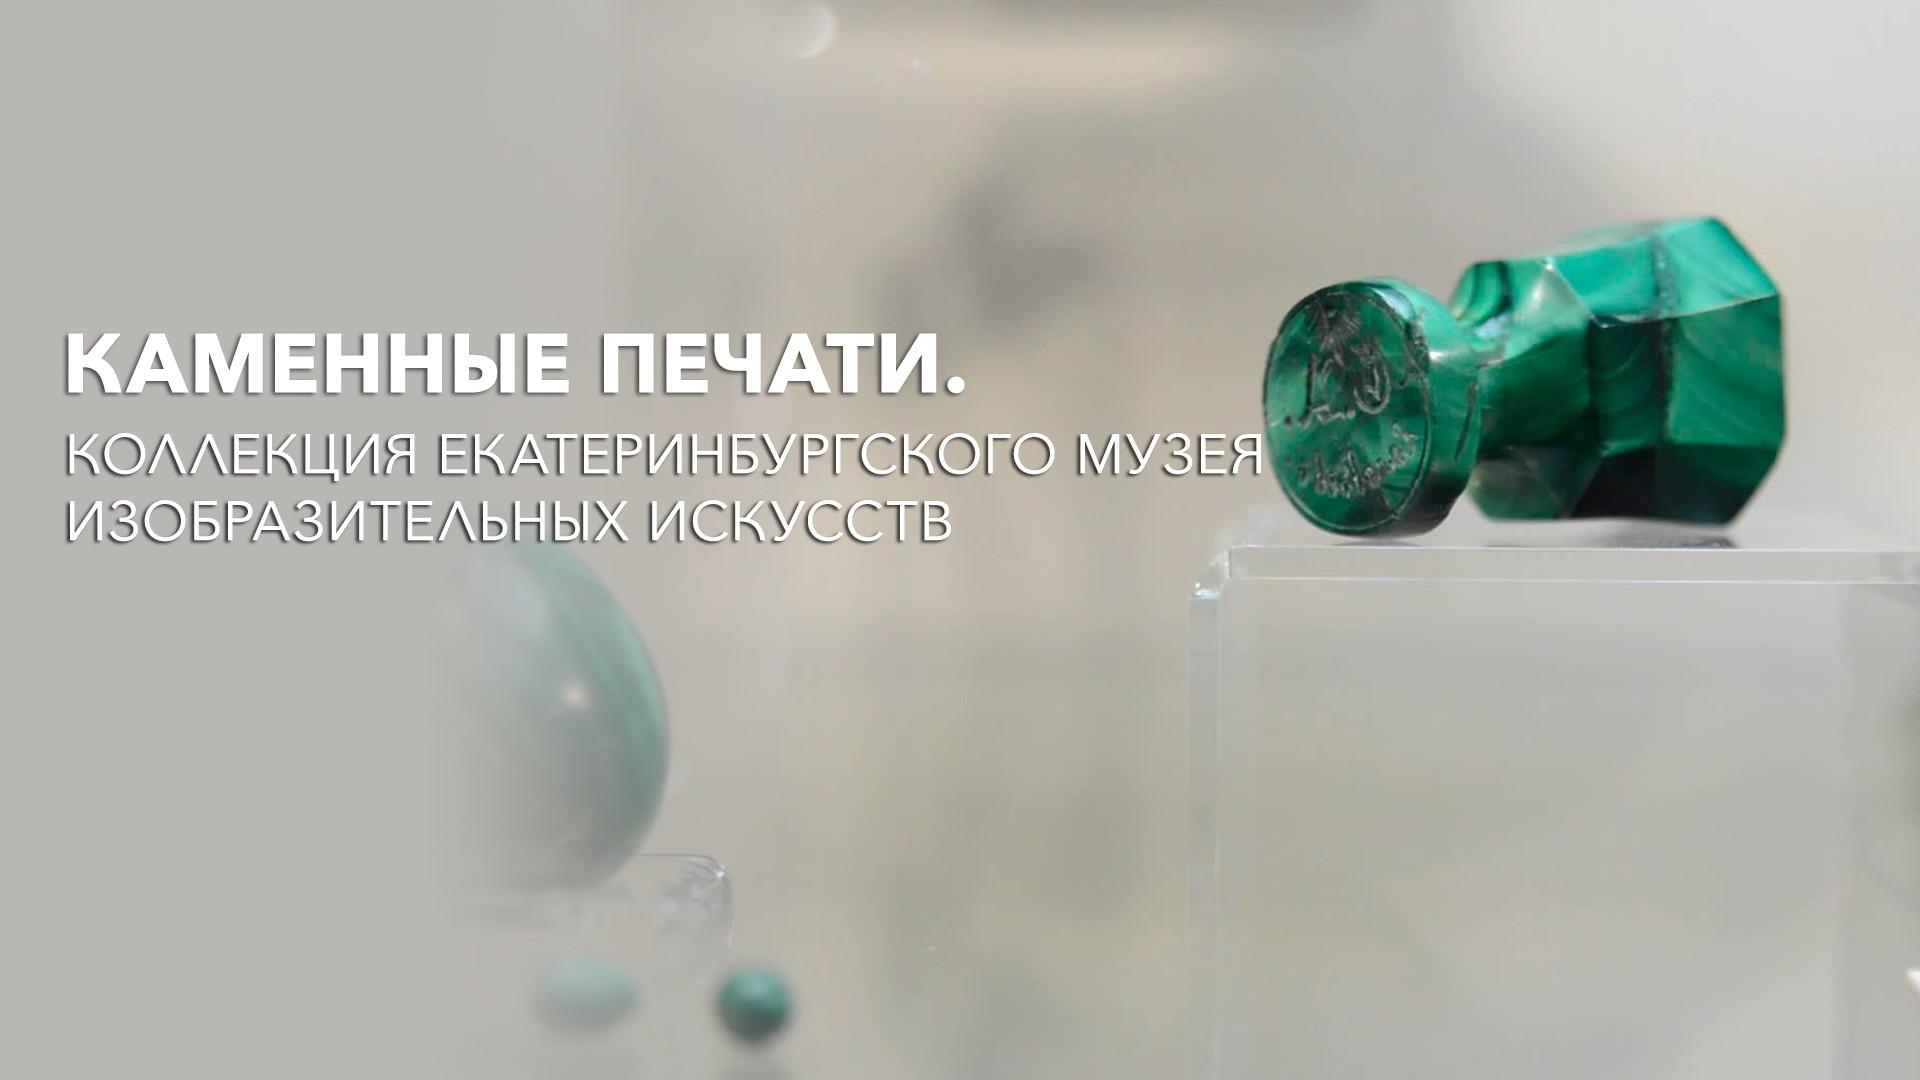 Каменные печати. Коллекция Екатеринбургского музея изобразительных искусств